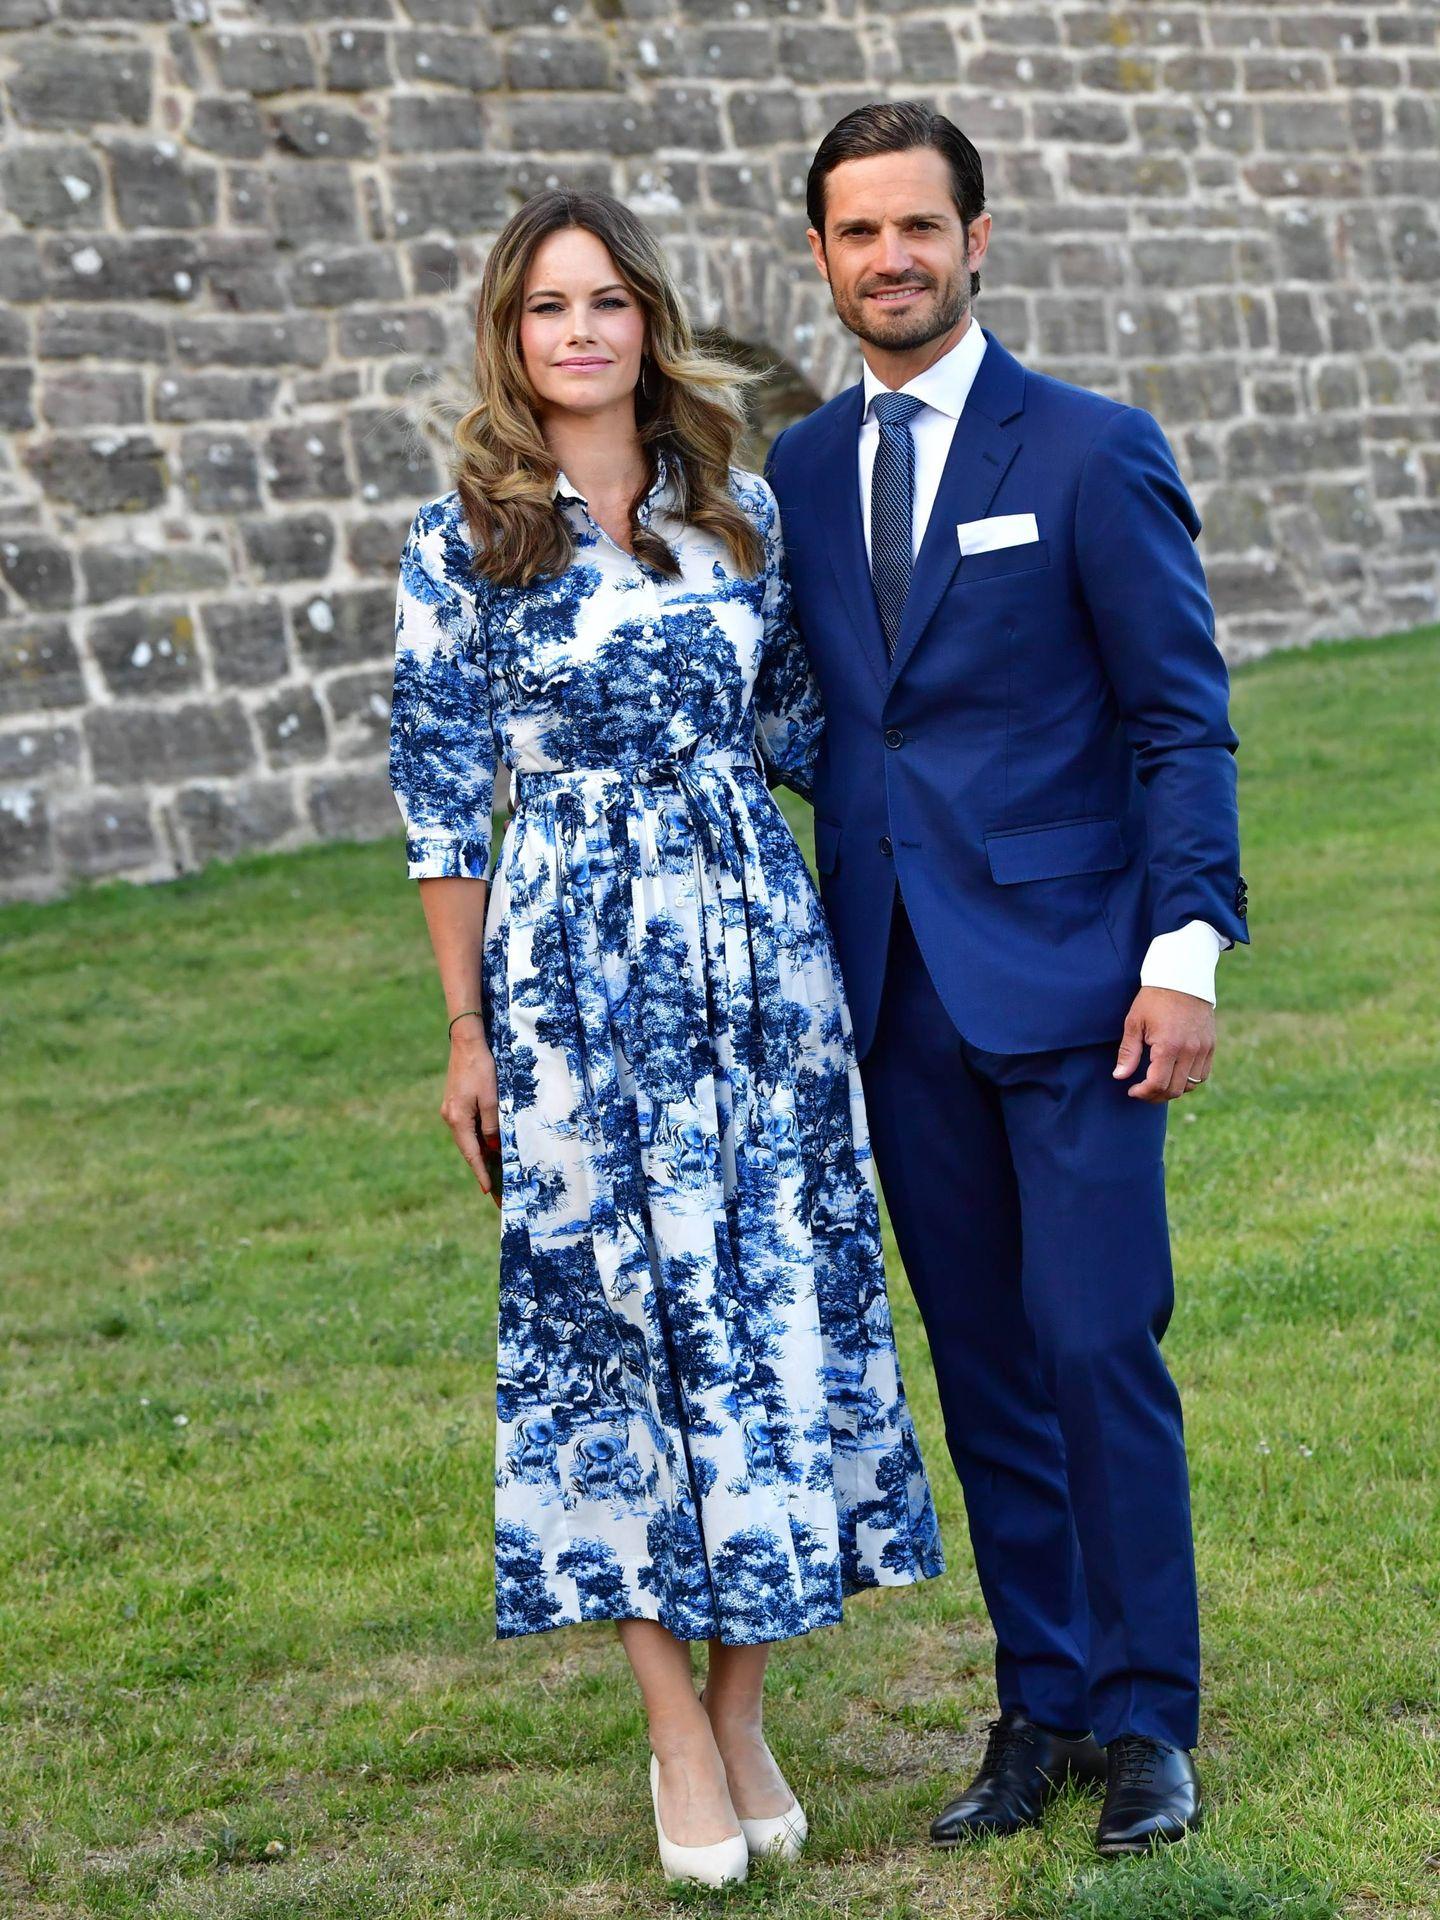 La princesa Sofía y el príncipe Carlos Felipe en el cumpleaños de la princesa Victoria. (Cordon Press)